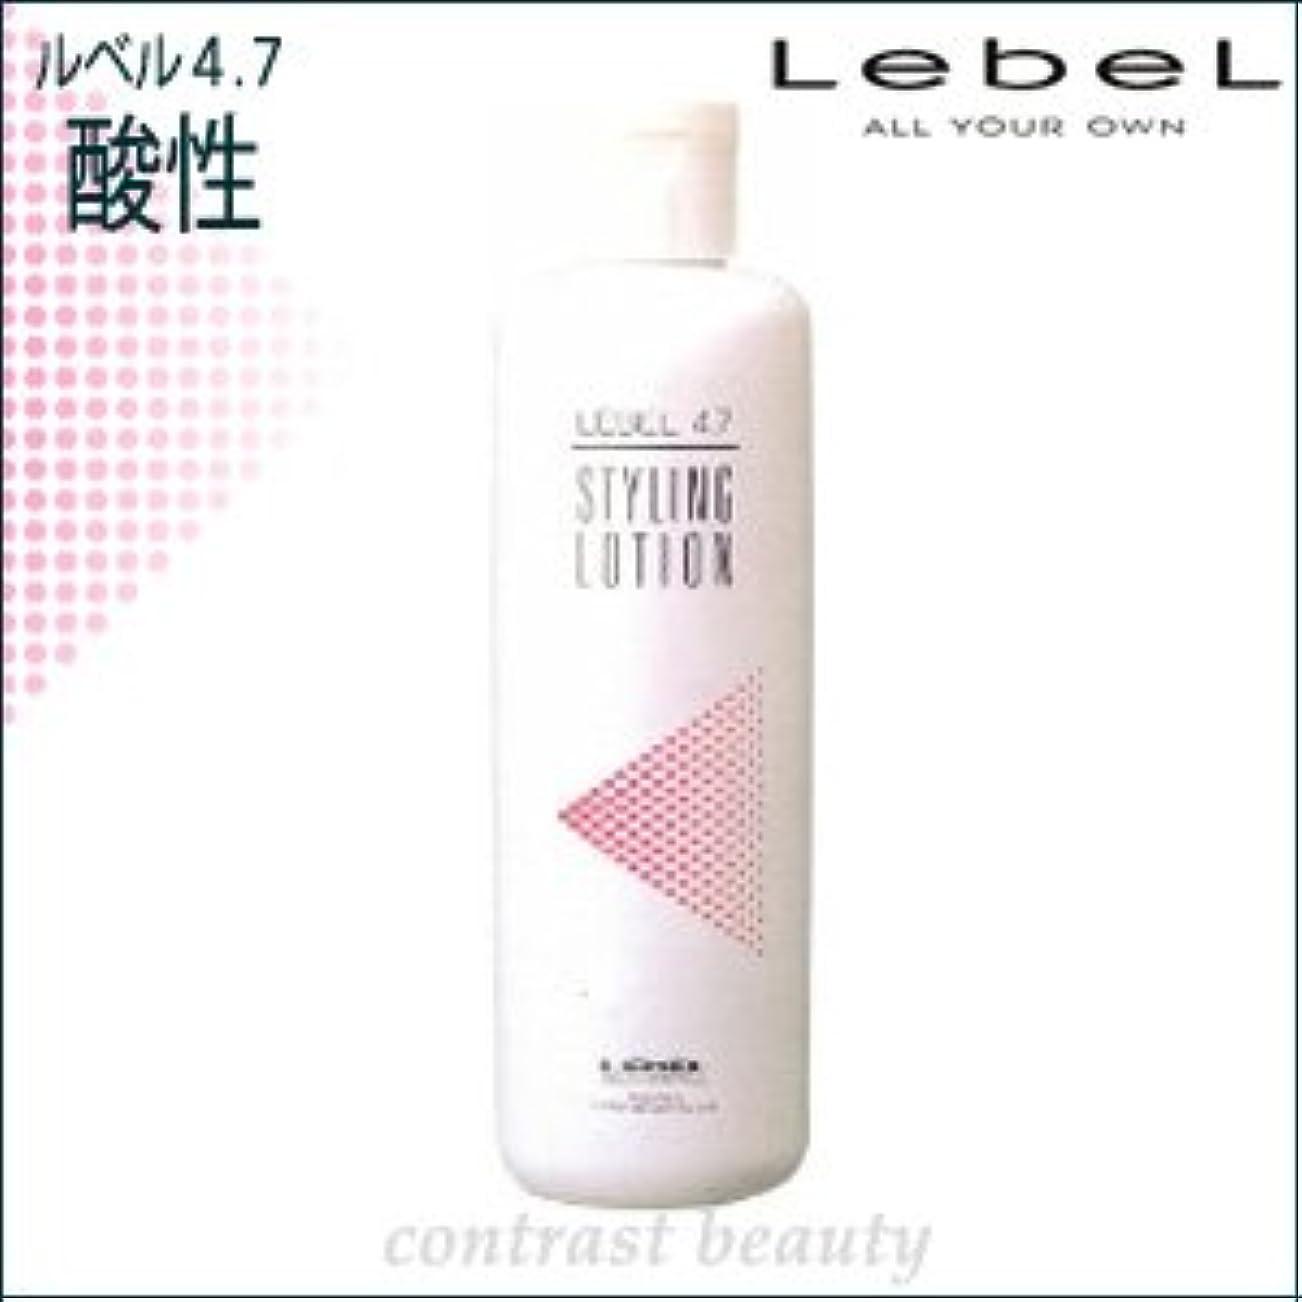 アンソロジー洗ういつ【X3個セット】 ルベルコスメティックス/LebeL 4.7酸性 スタイリングローション 400ml